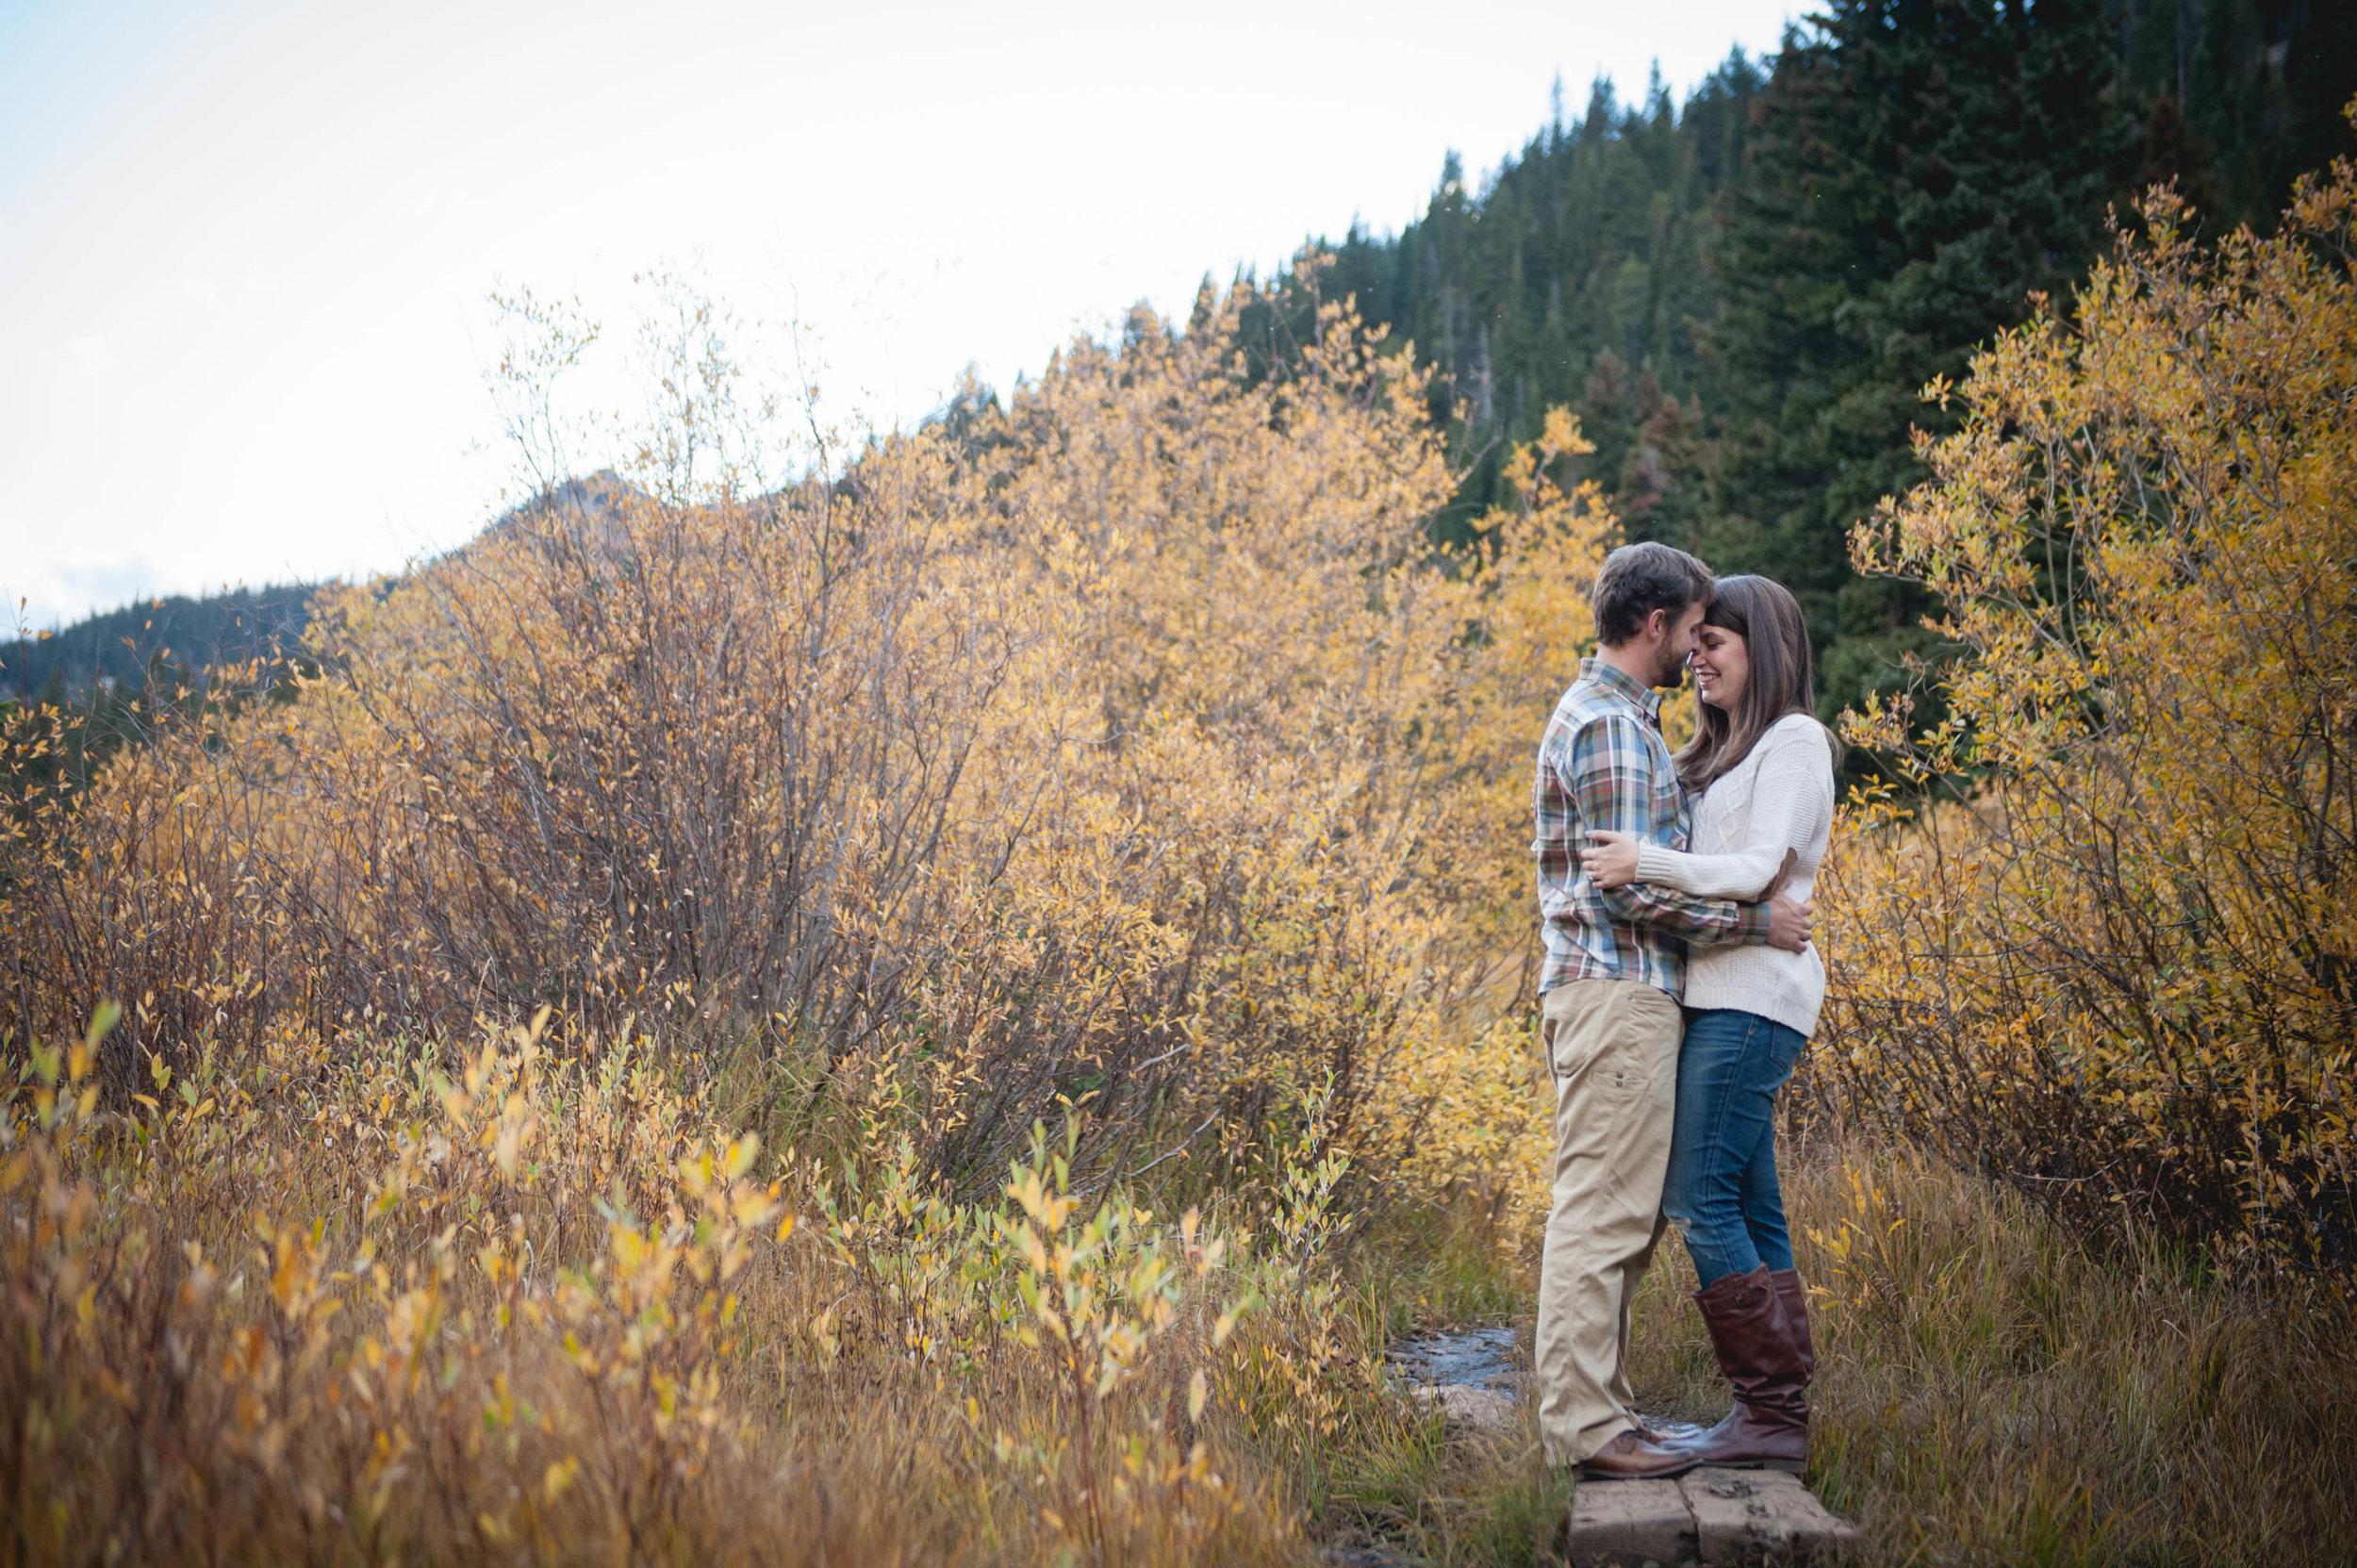 AMW-Engagement-MichelleAllen-JamesPeak-579.jpg